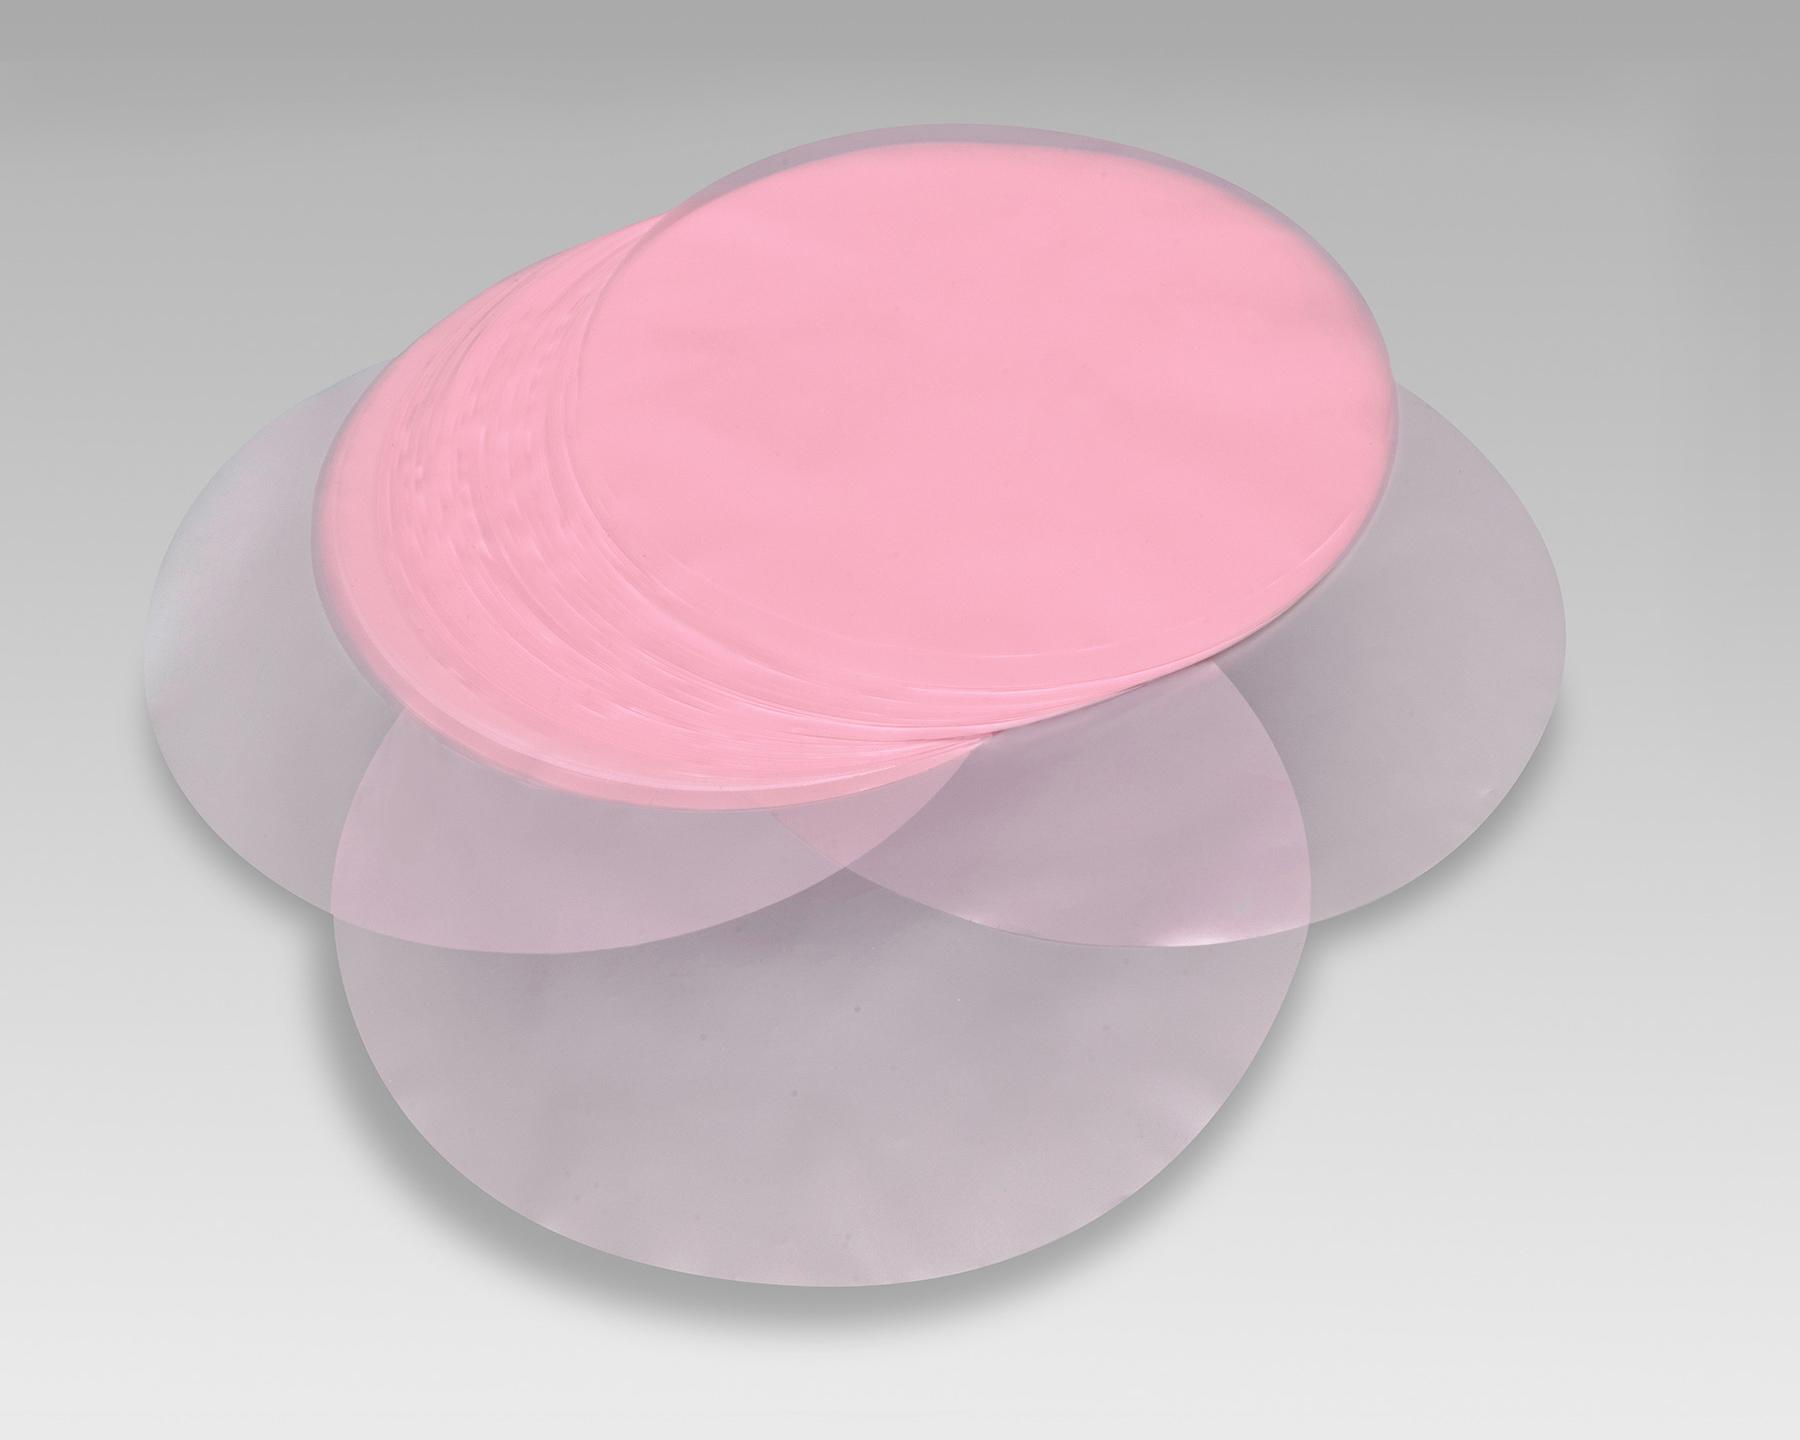 Dischi per hamburger in polietilene rosa